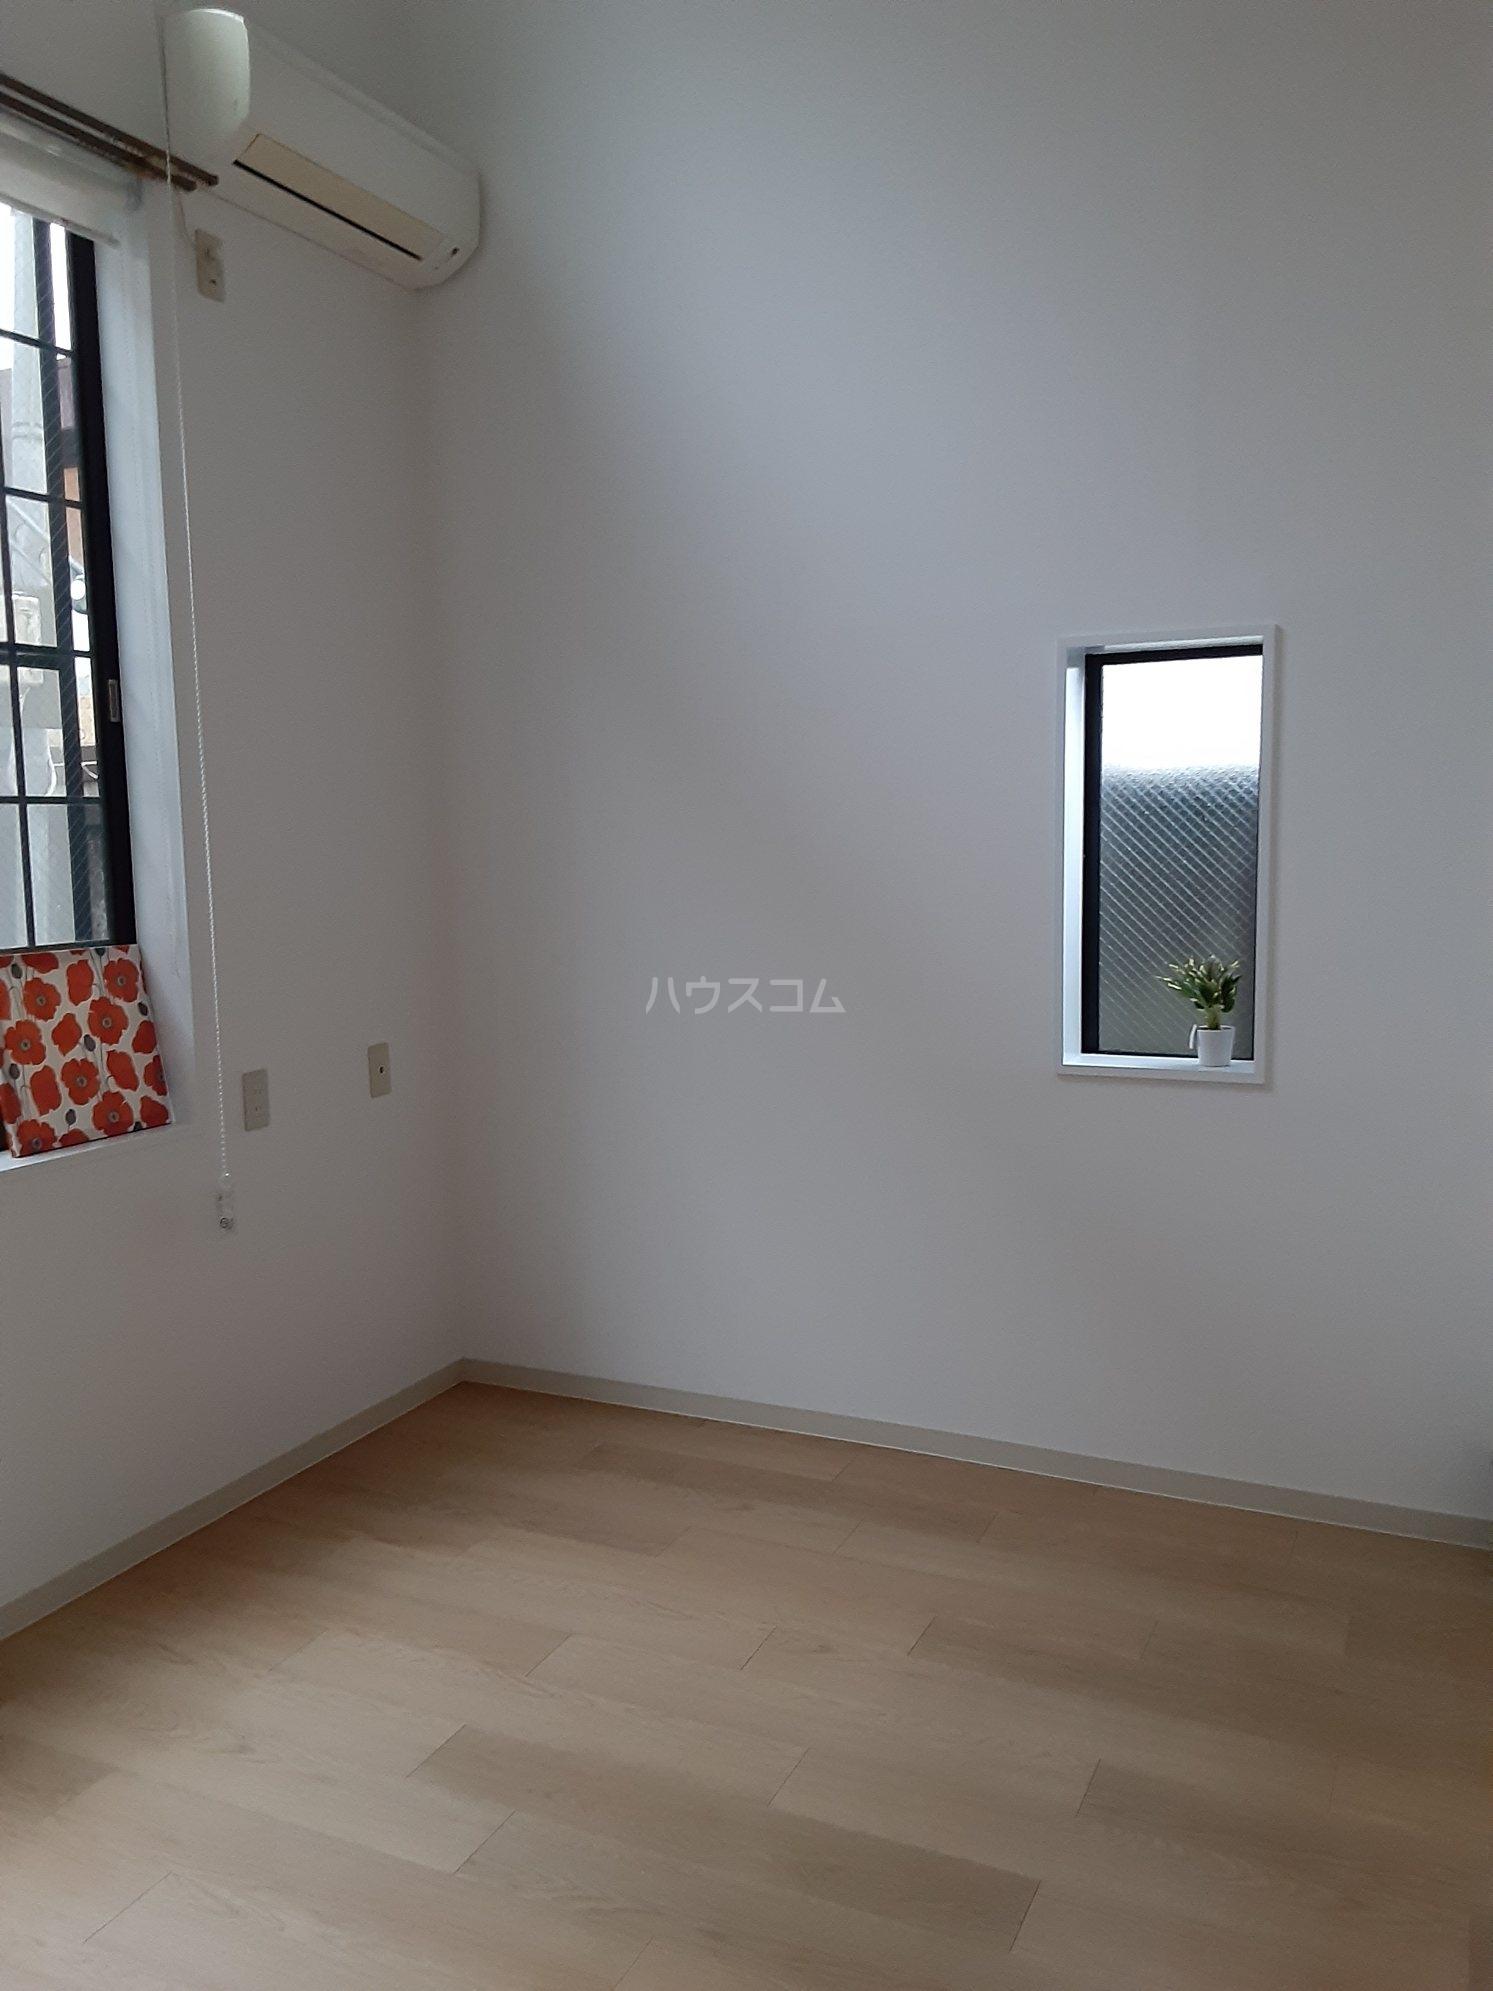 ピアレジ青山Ⅲ 104号室のリビング